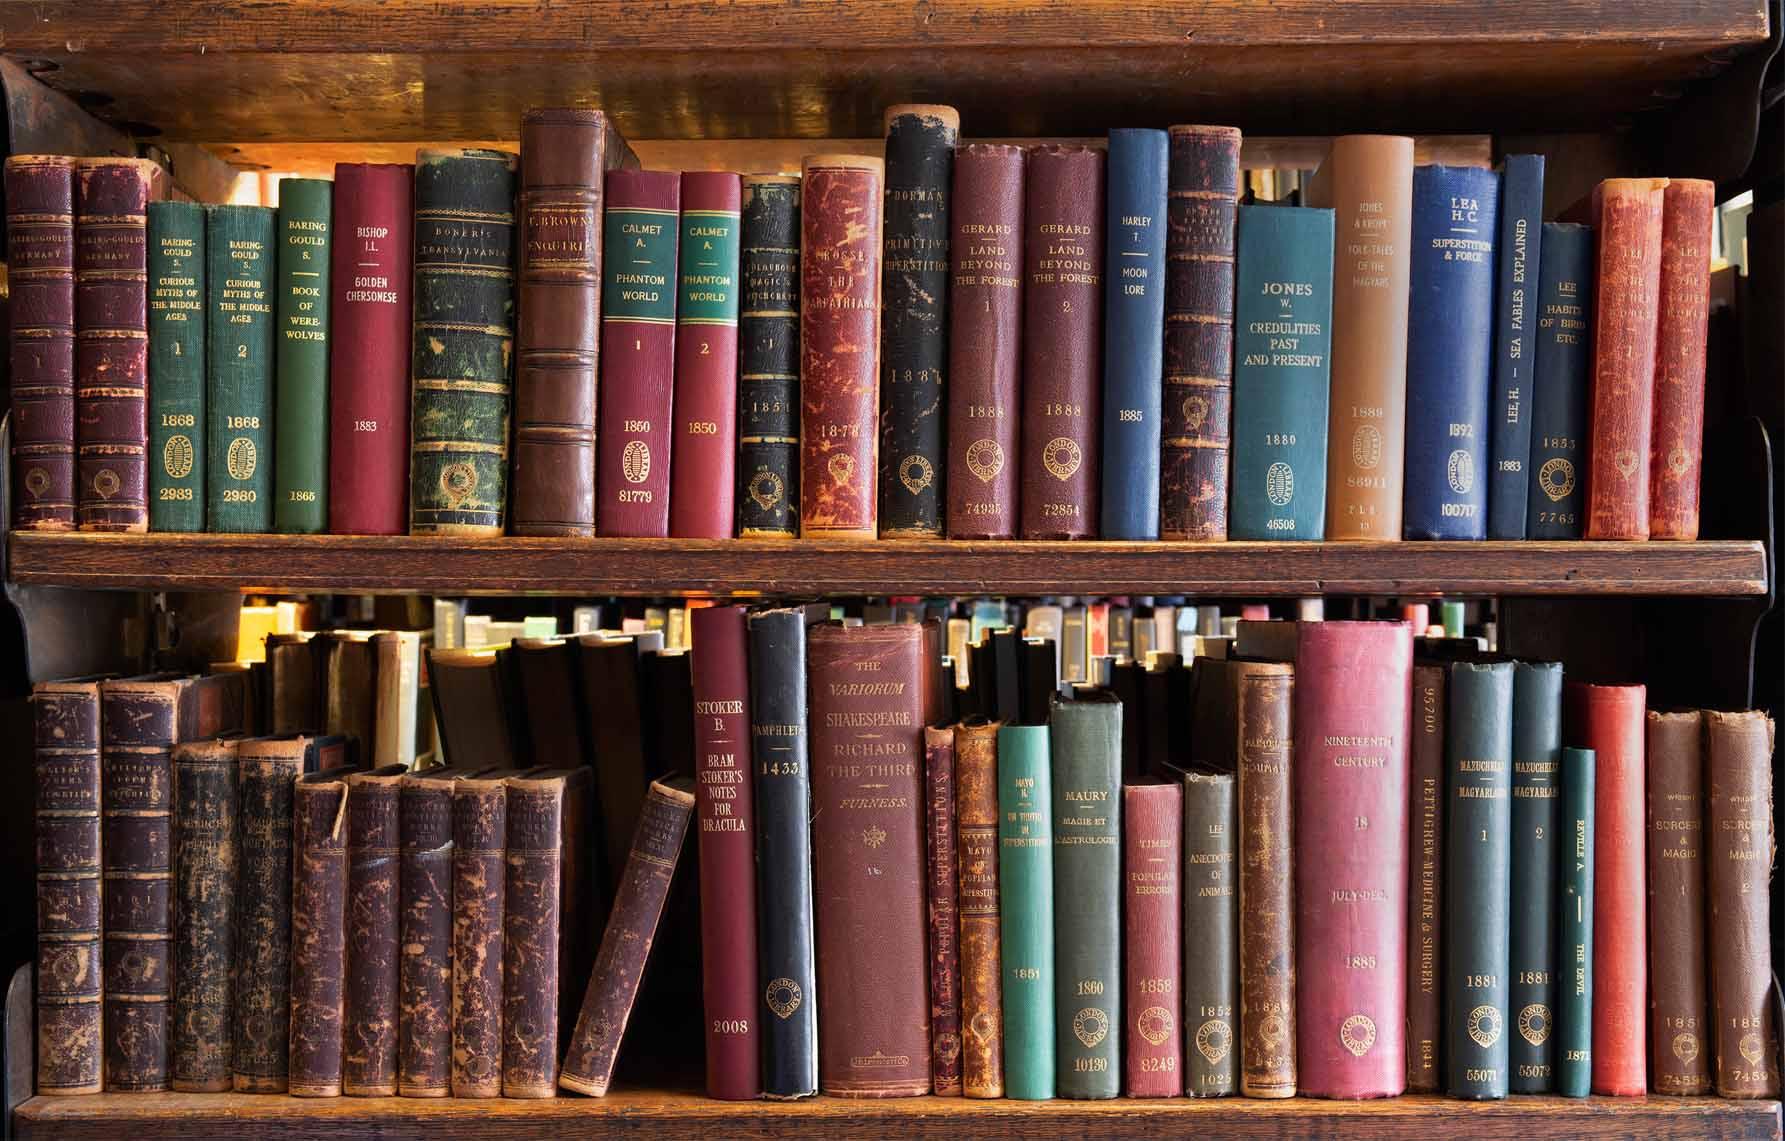 Shia Book Library